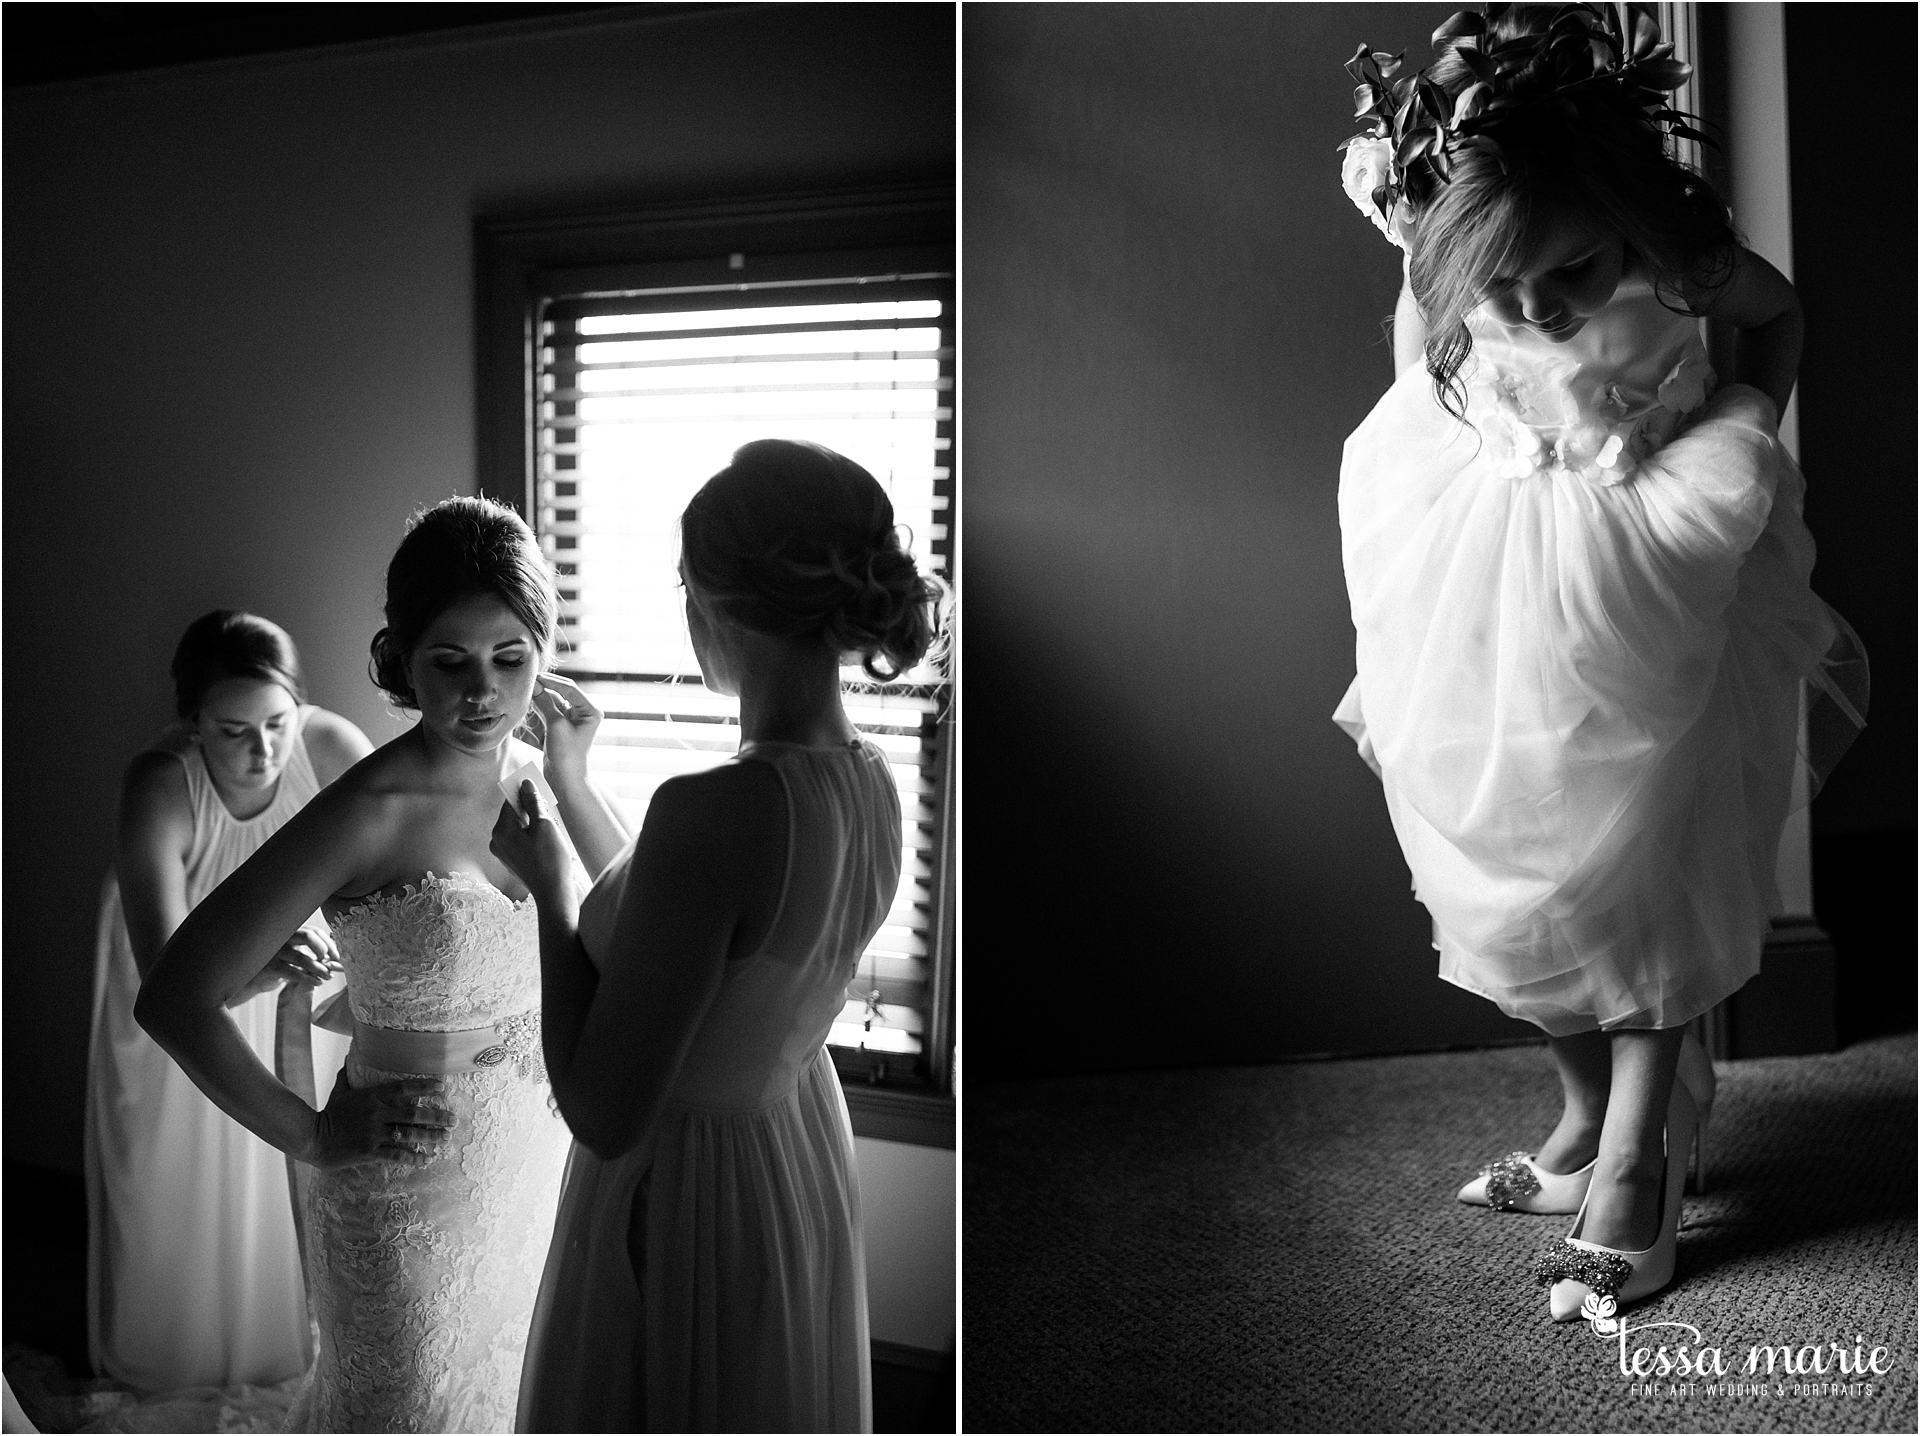 032216_brittany_kevin_wedding-19